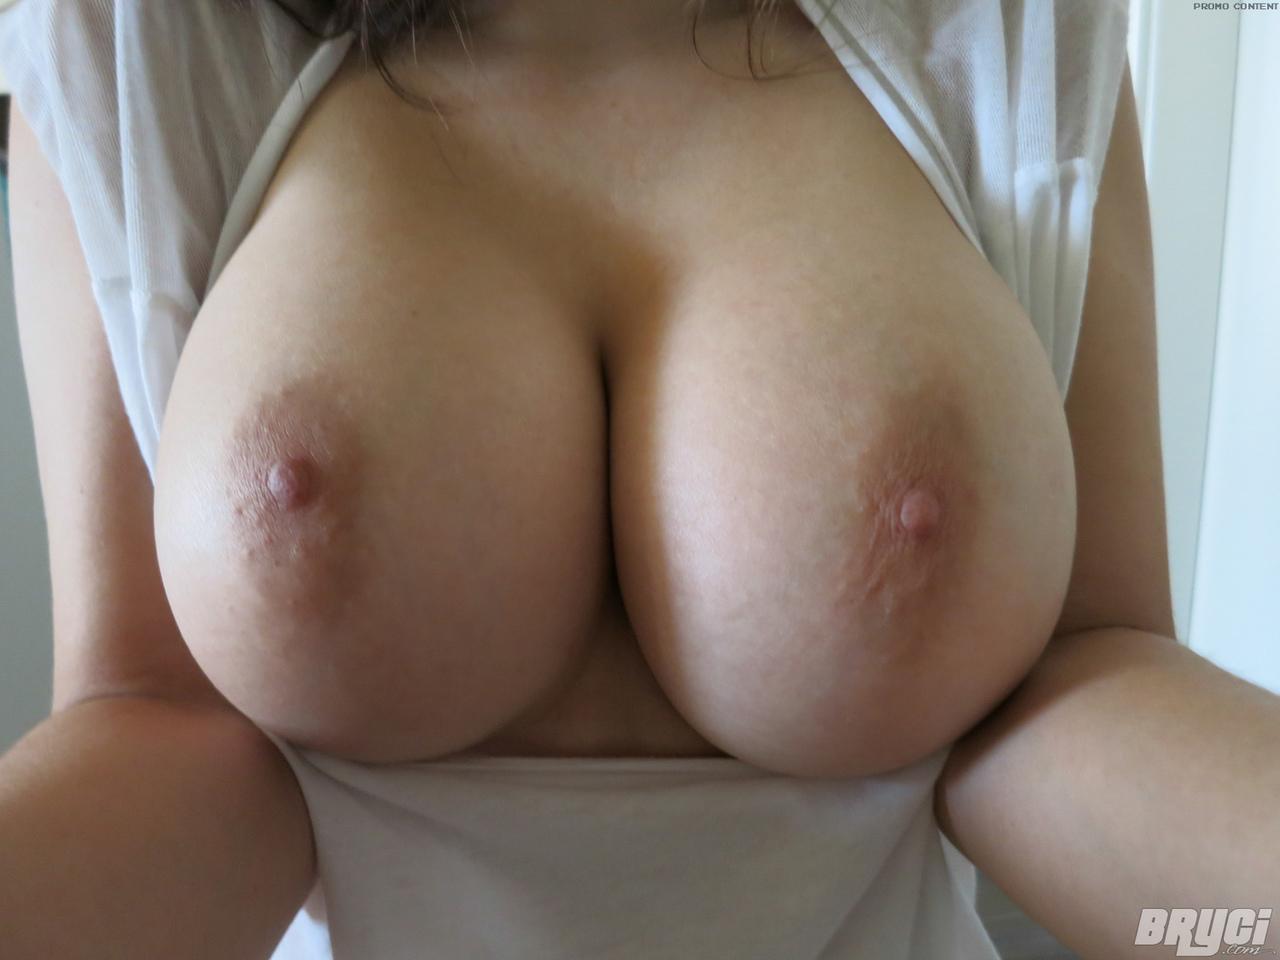 Linda menina amadora em fotos porno ficando pelada